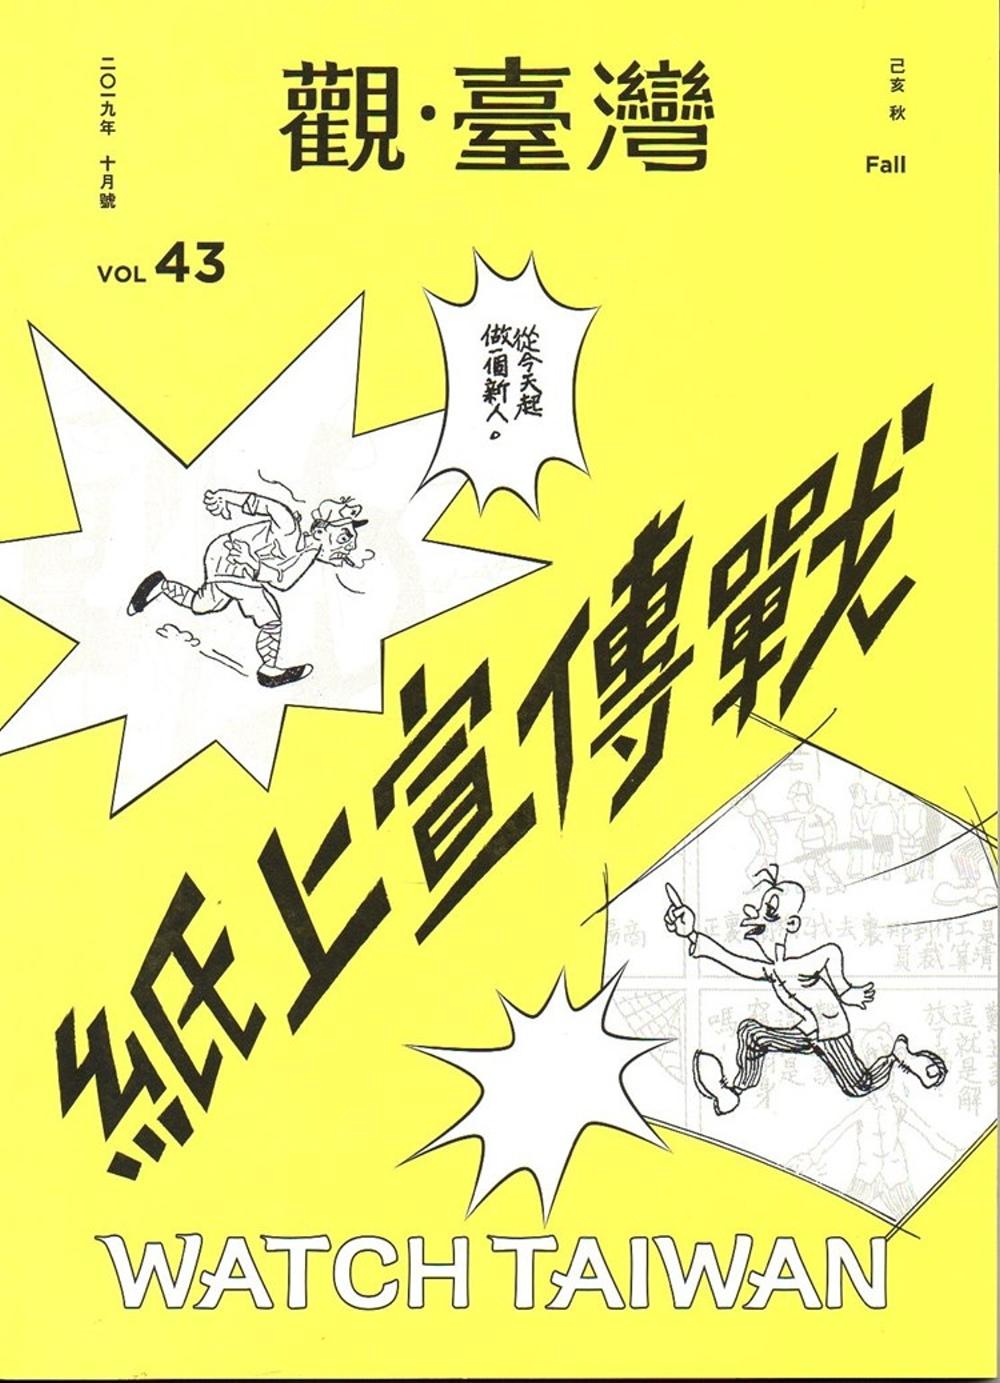 觀臺灣第43期(2019.10):紙上宣傳戰